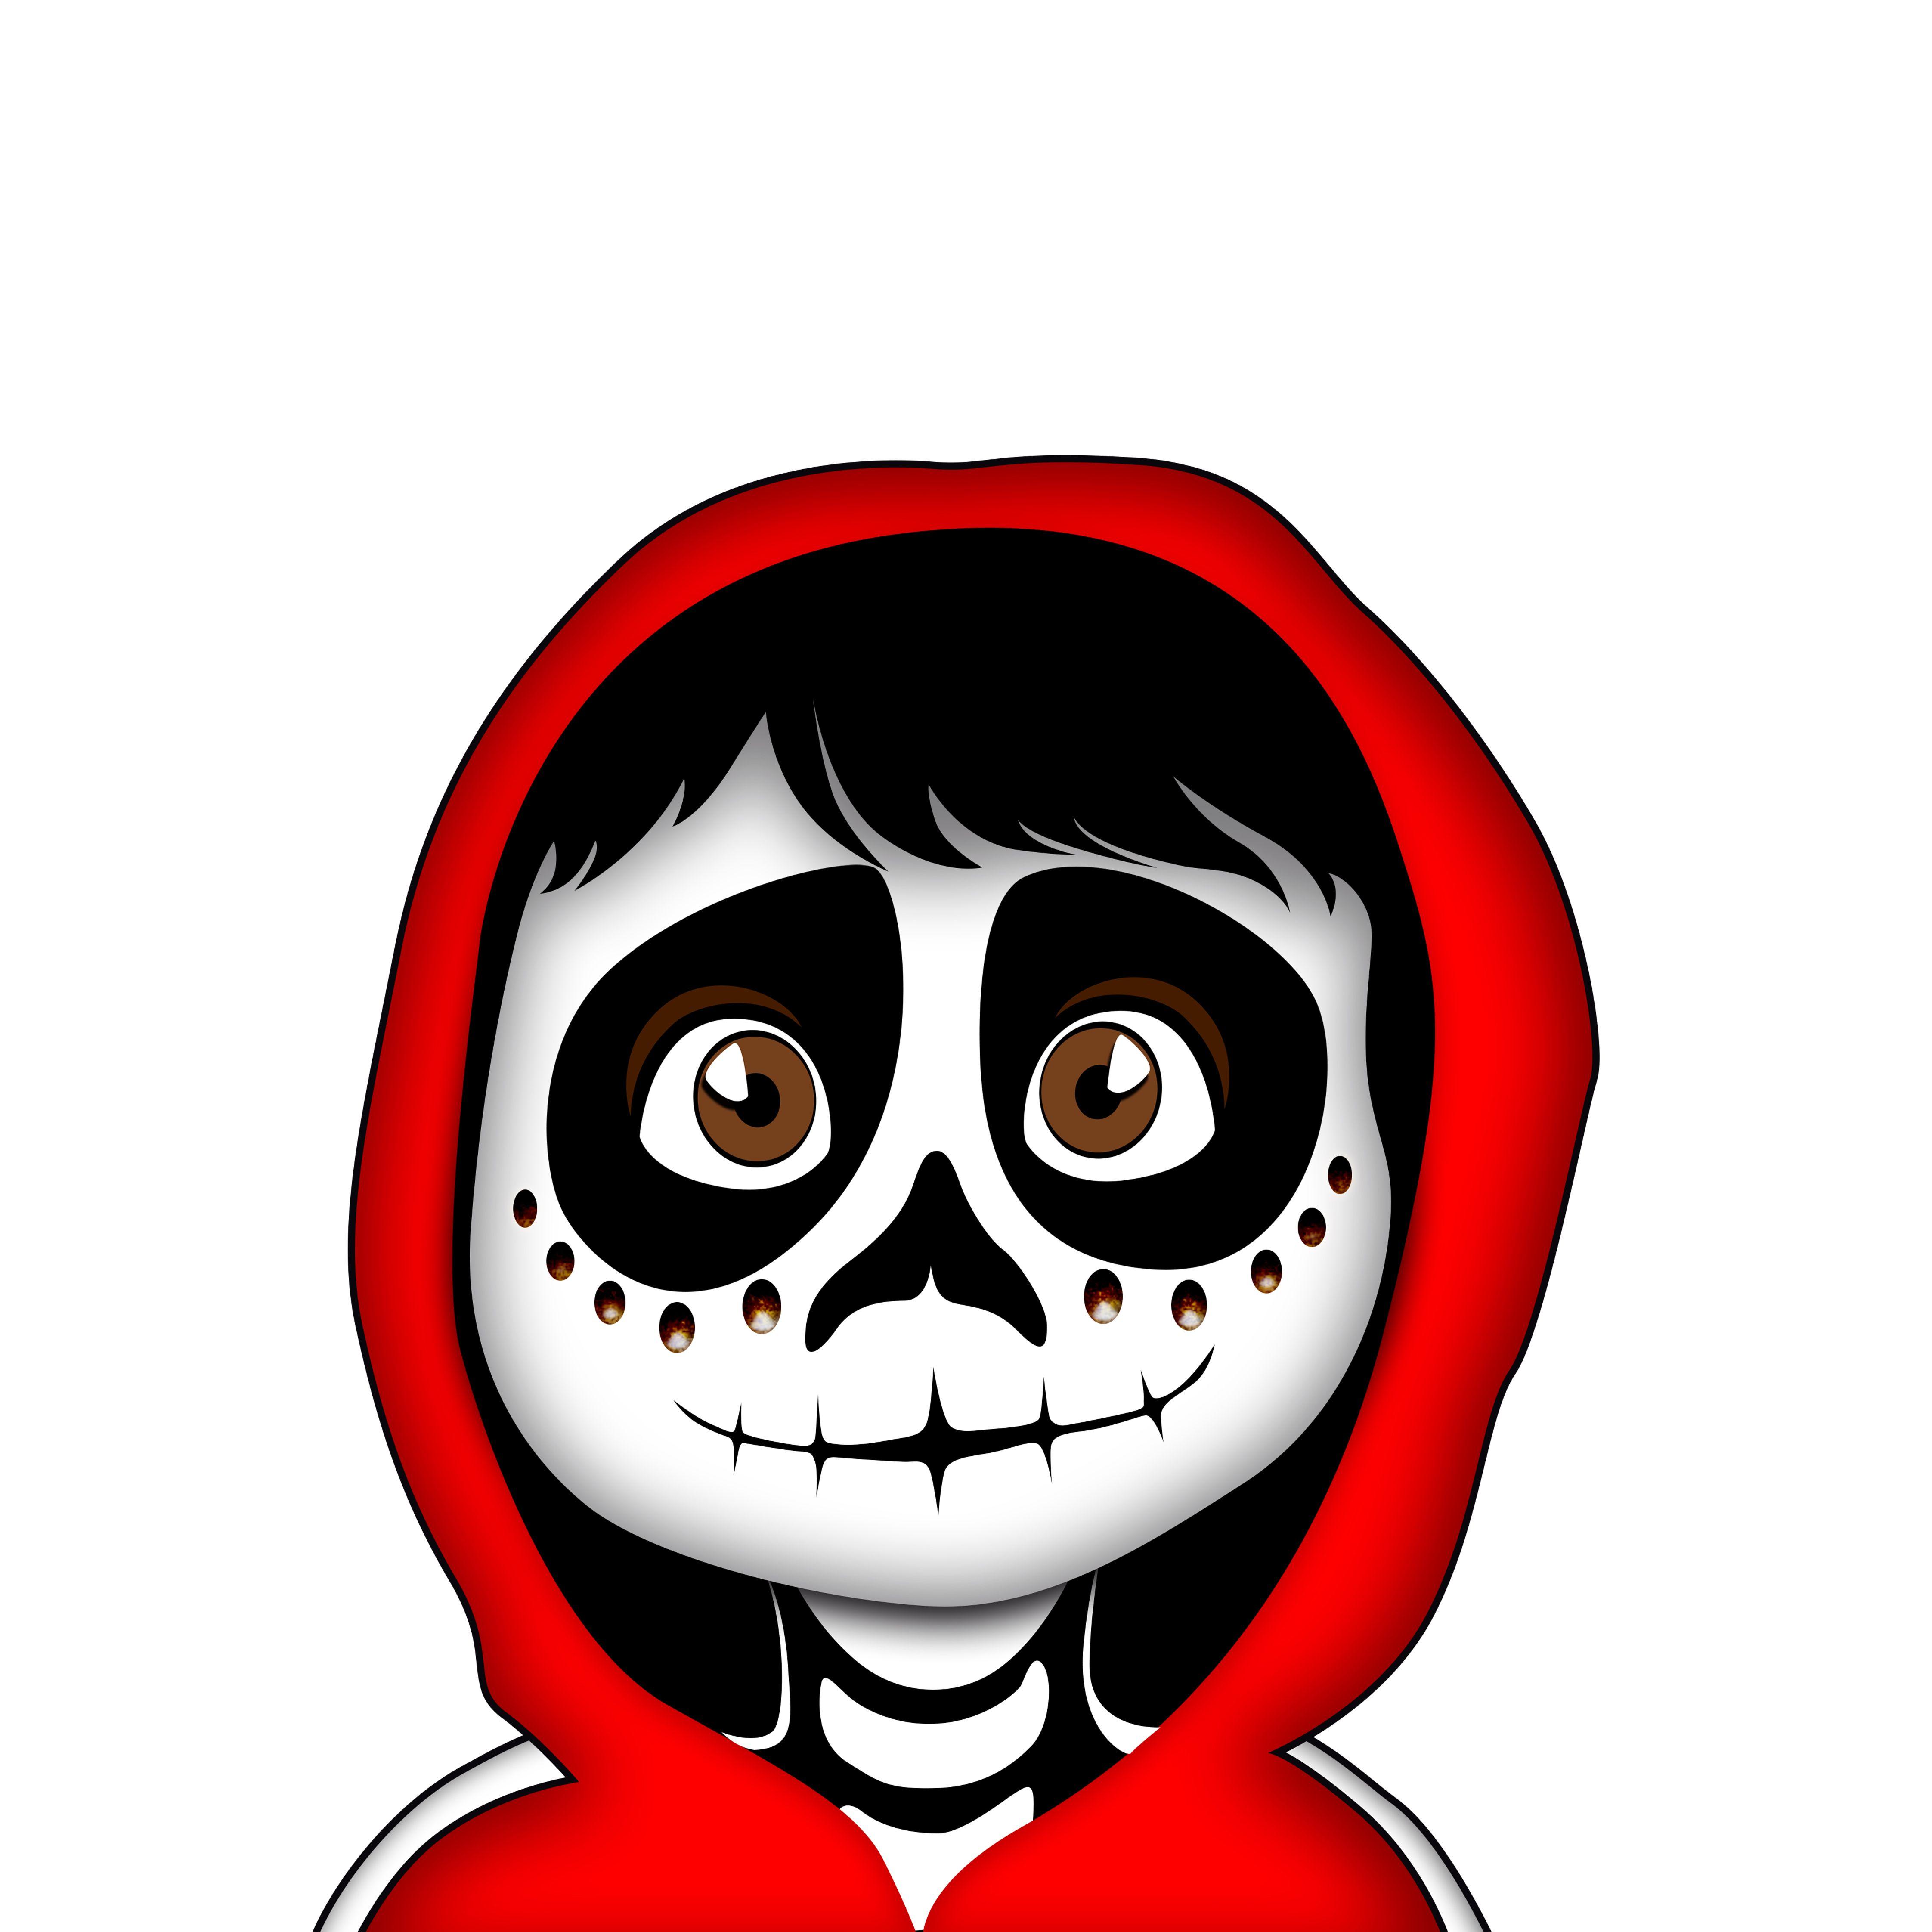 Miguel De Coco Redibj Mascaras Dia De Muertos Dibujo Dia De Muertos Fiesta De Los Muertos